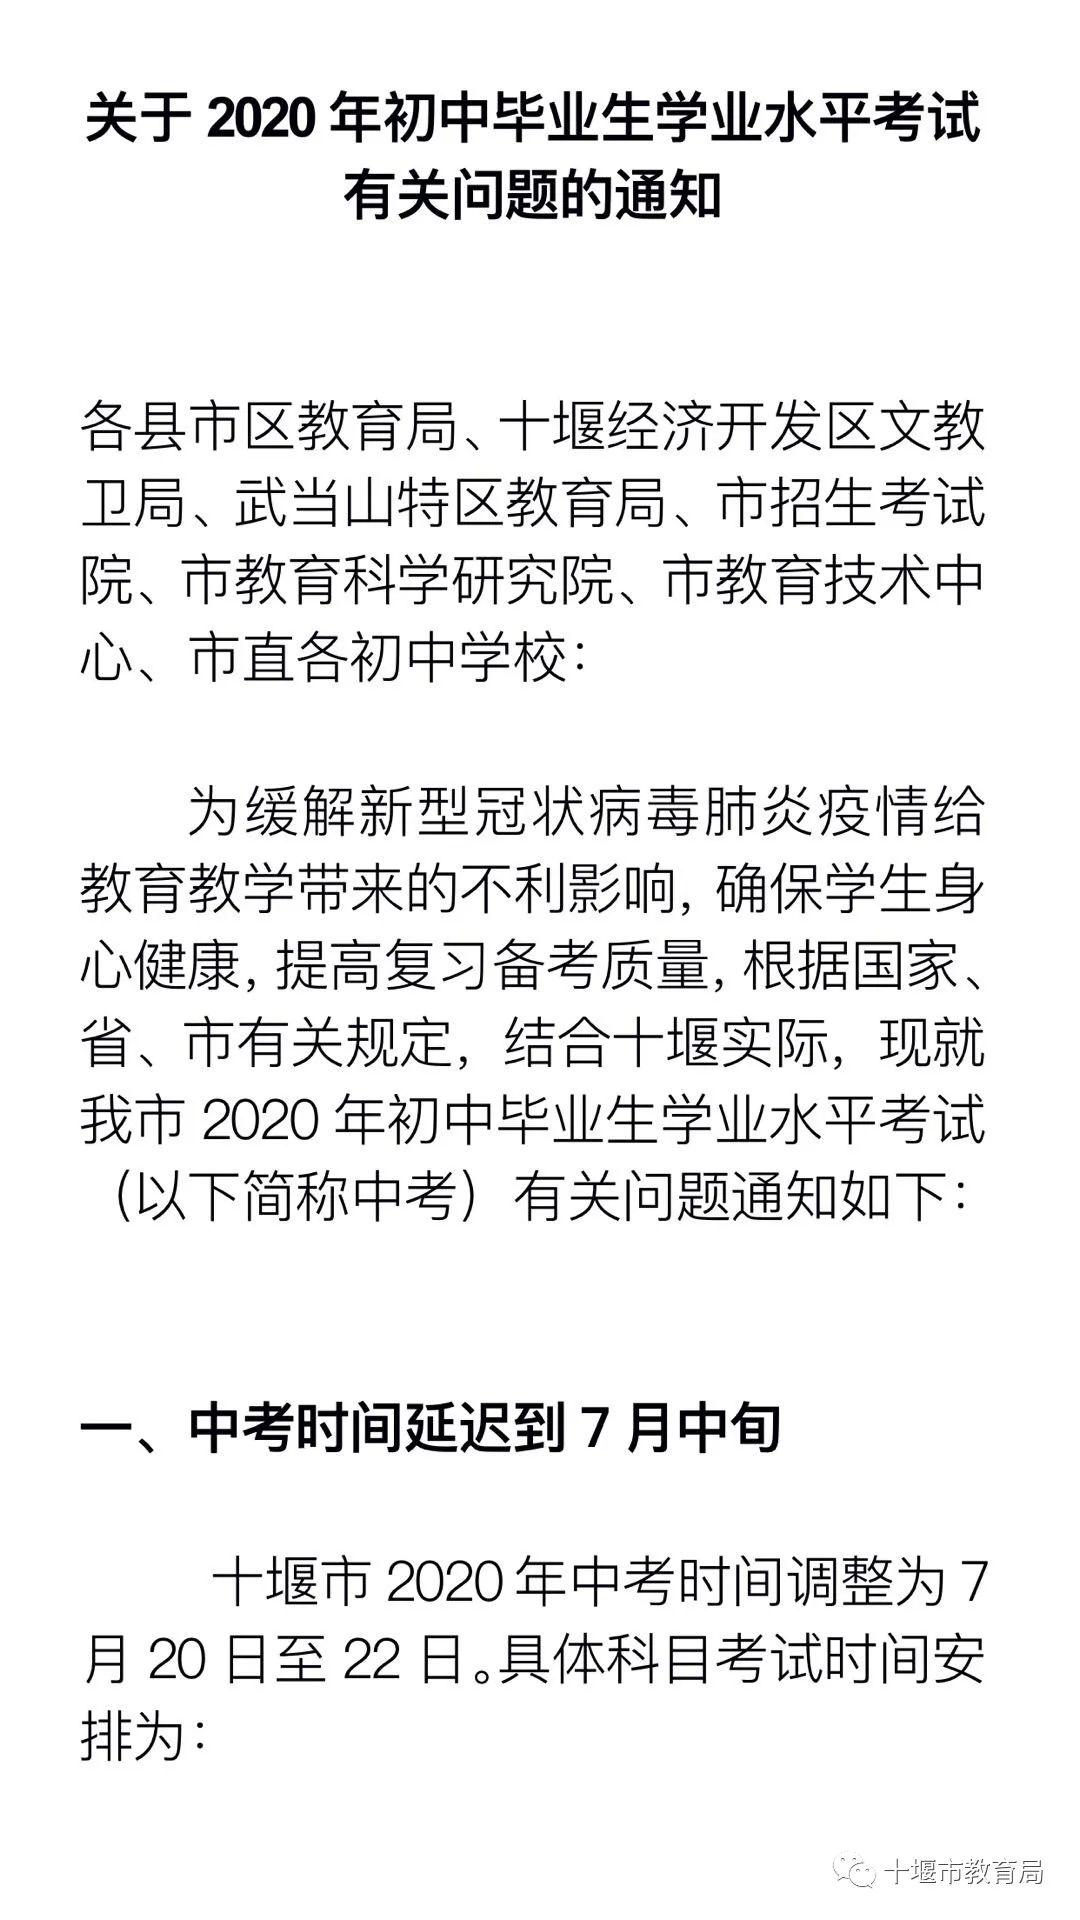 湖北十堰:2020年中考时间延迟到7月中旬取消体育中考